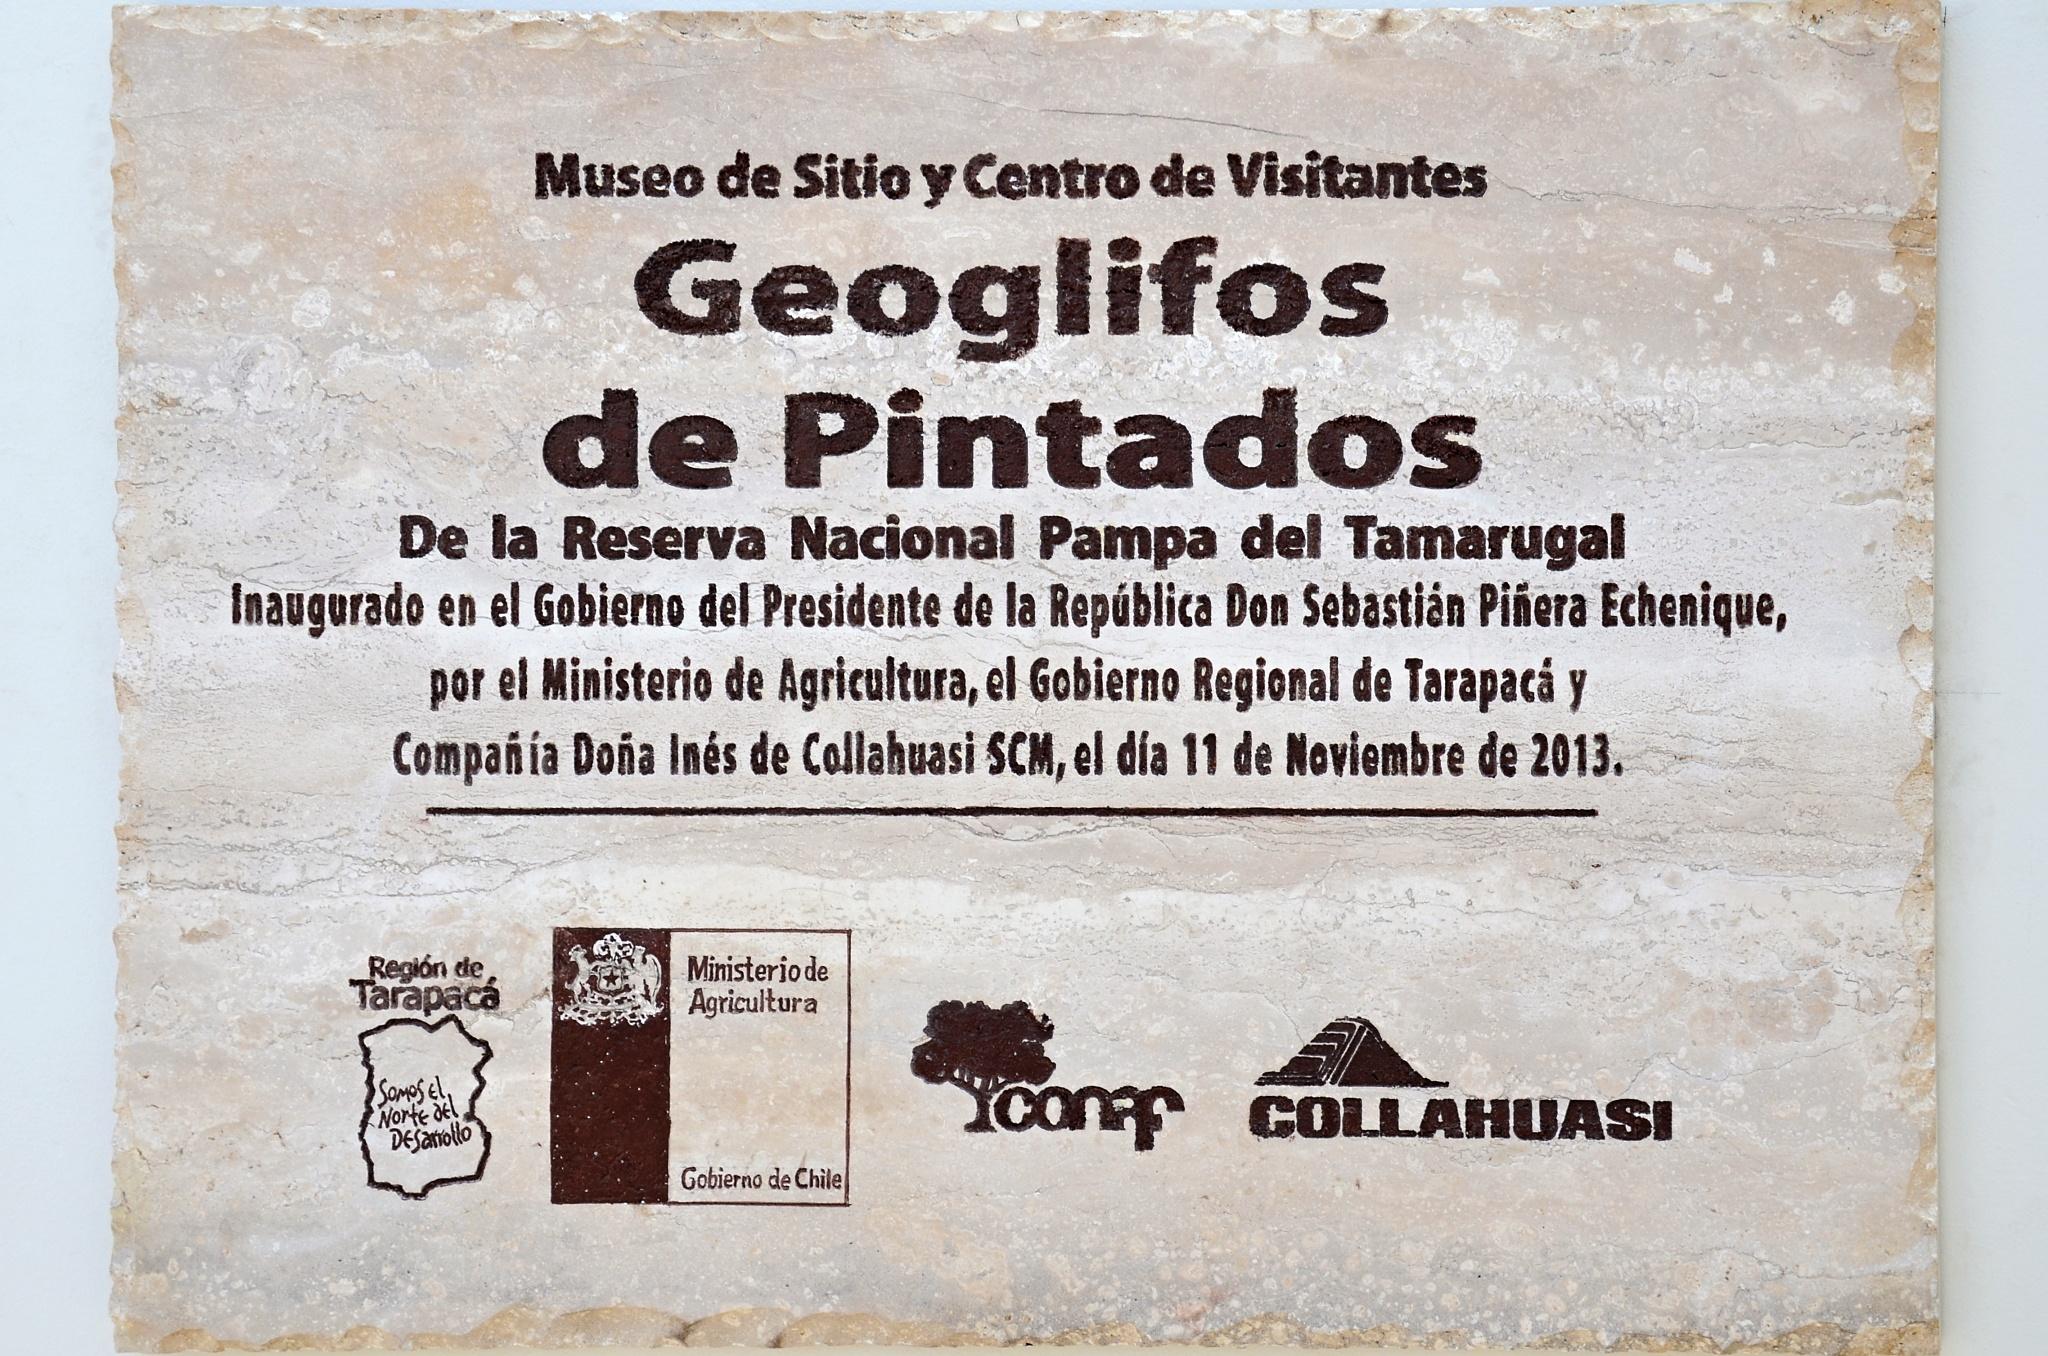 Středisko v Geoglifos de Pintados bylo otevřeno teprve předevčírem